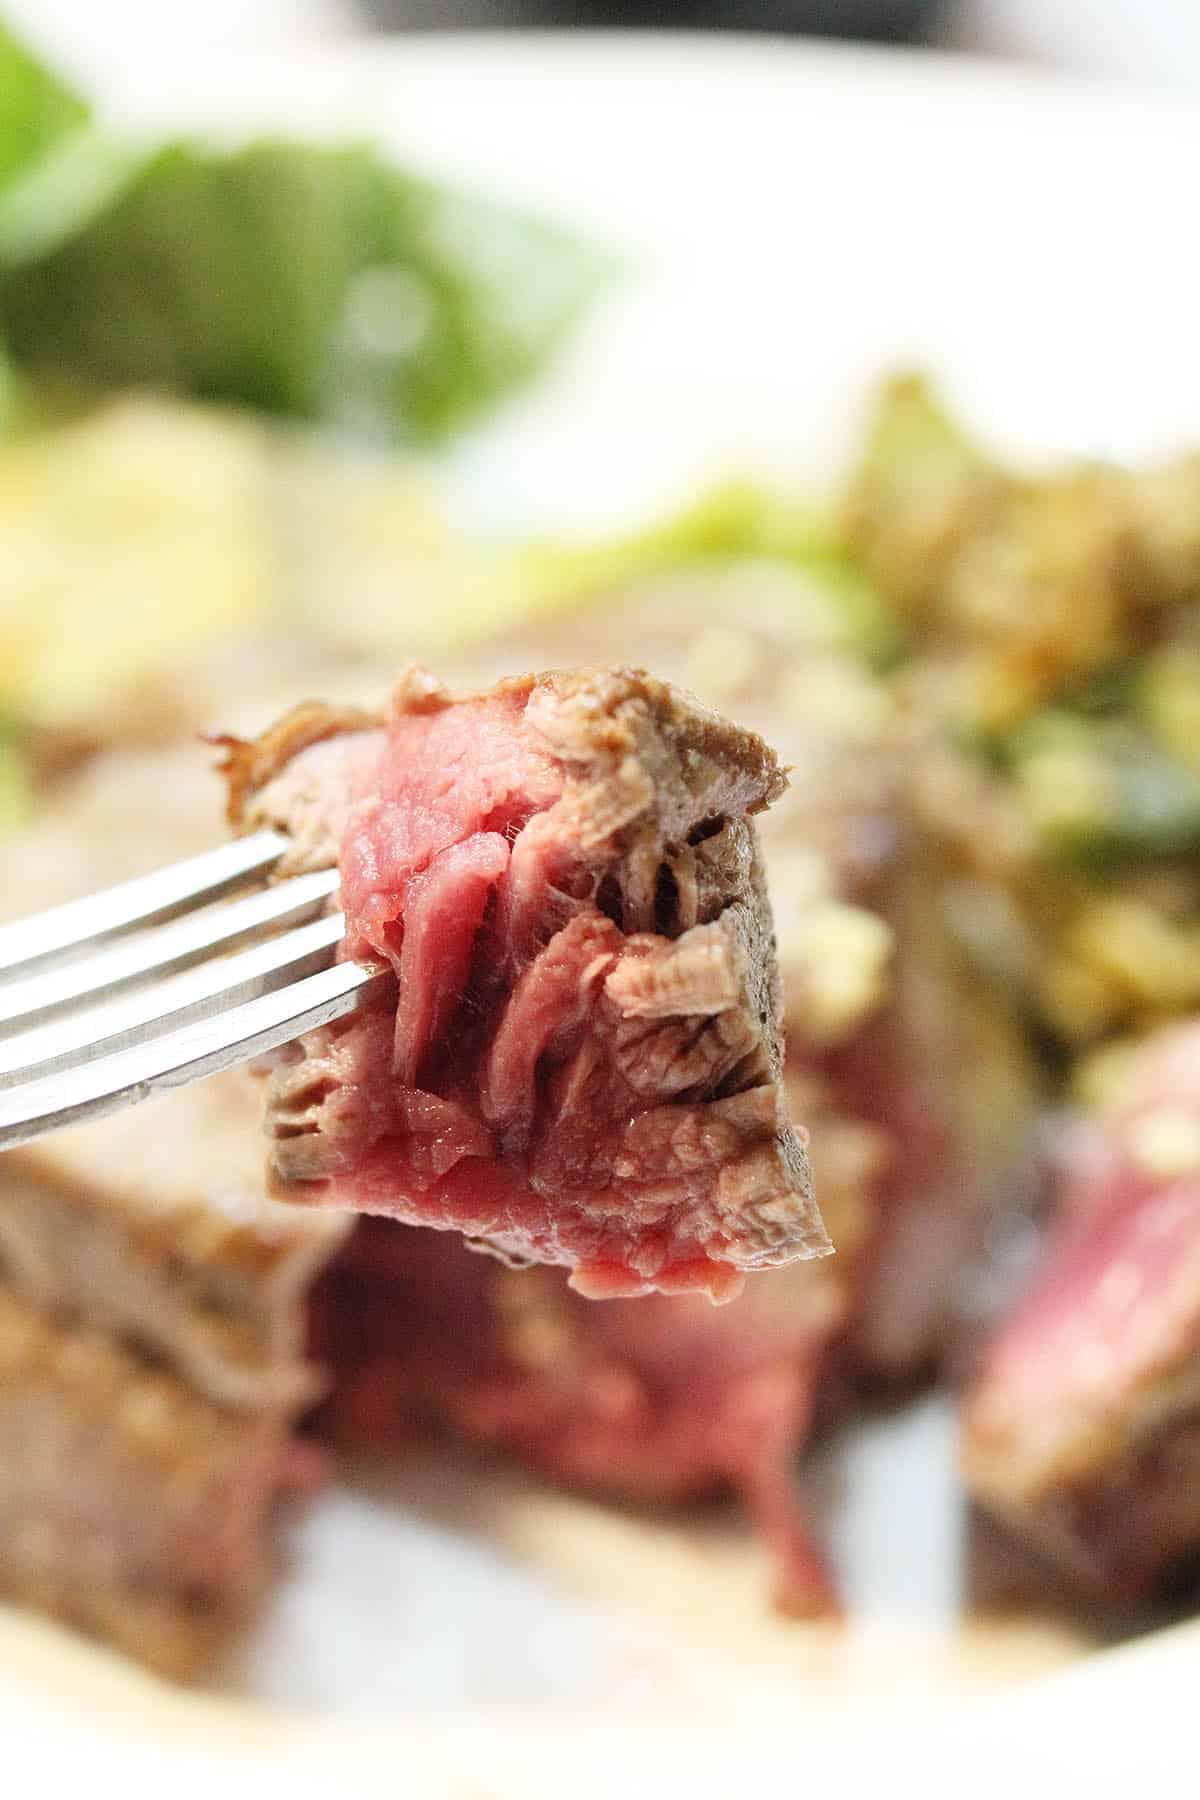 Bite of medium rare steak on fork over plate.